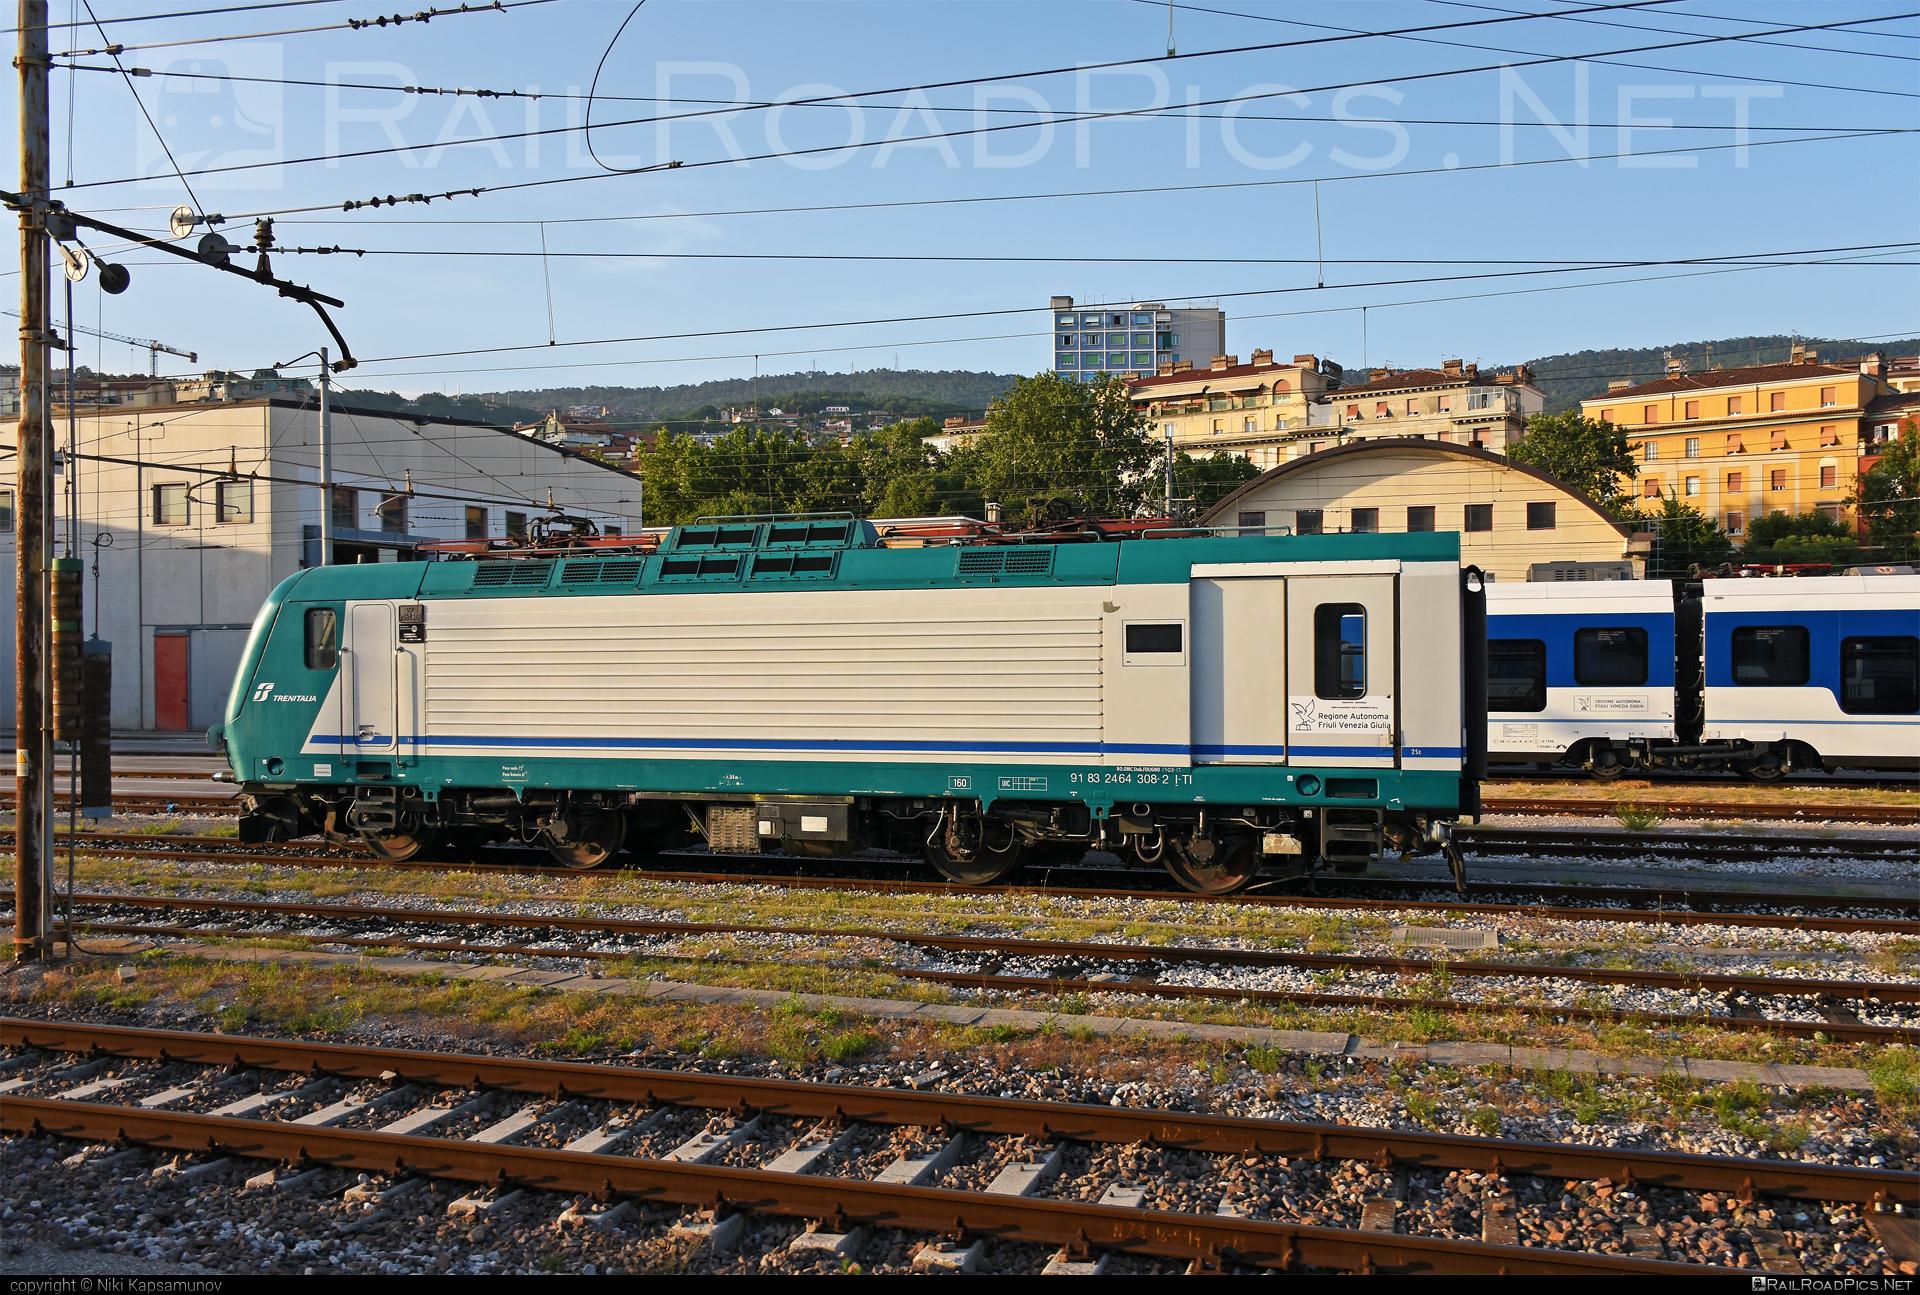 Bombardier TRAXX P160 DCP - E 464.308 operated by Trenitalia S.p.A. #bombardier #bombardiertraxx #ferroviedellostato #fs #fsitaliane #lavatrice #traxx #traxxp160 #traxxp160dcp #trenitalia #trenitaliaspa